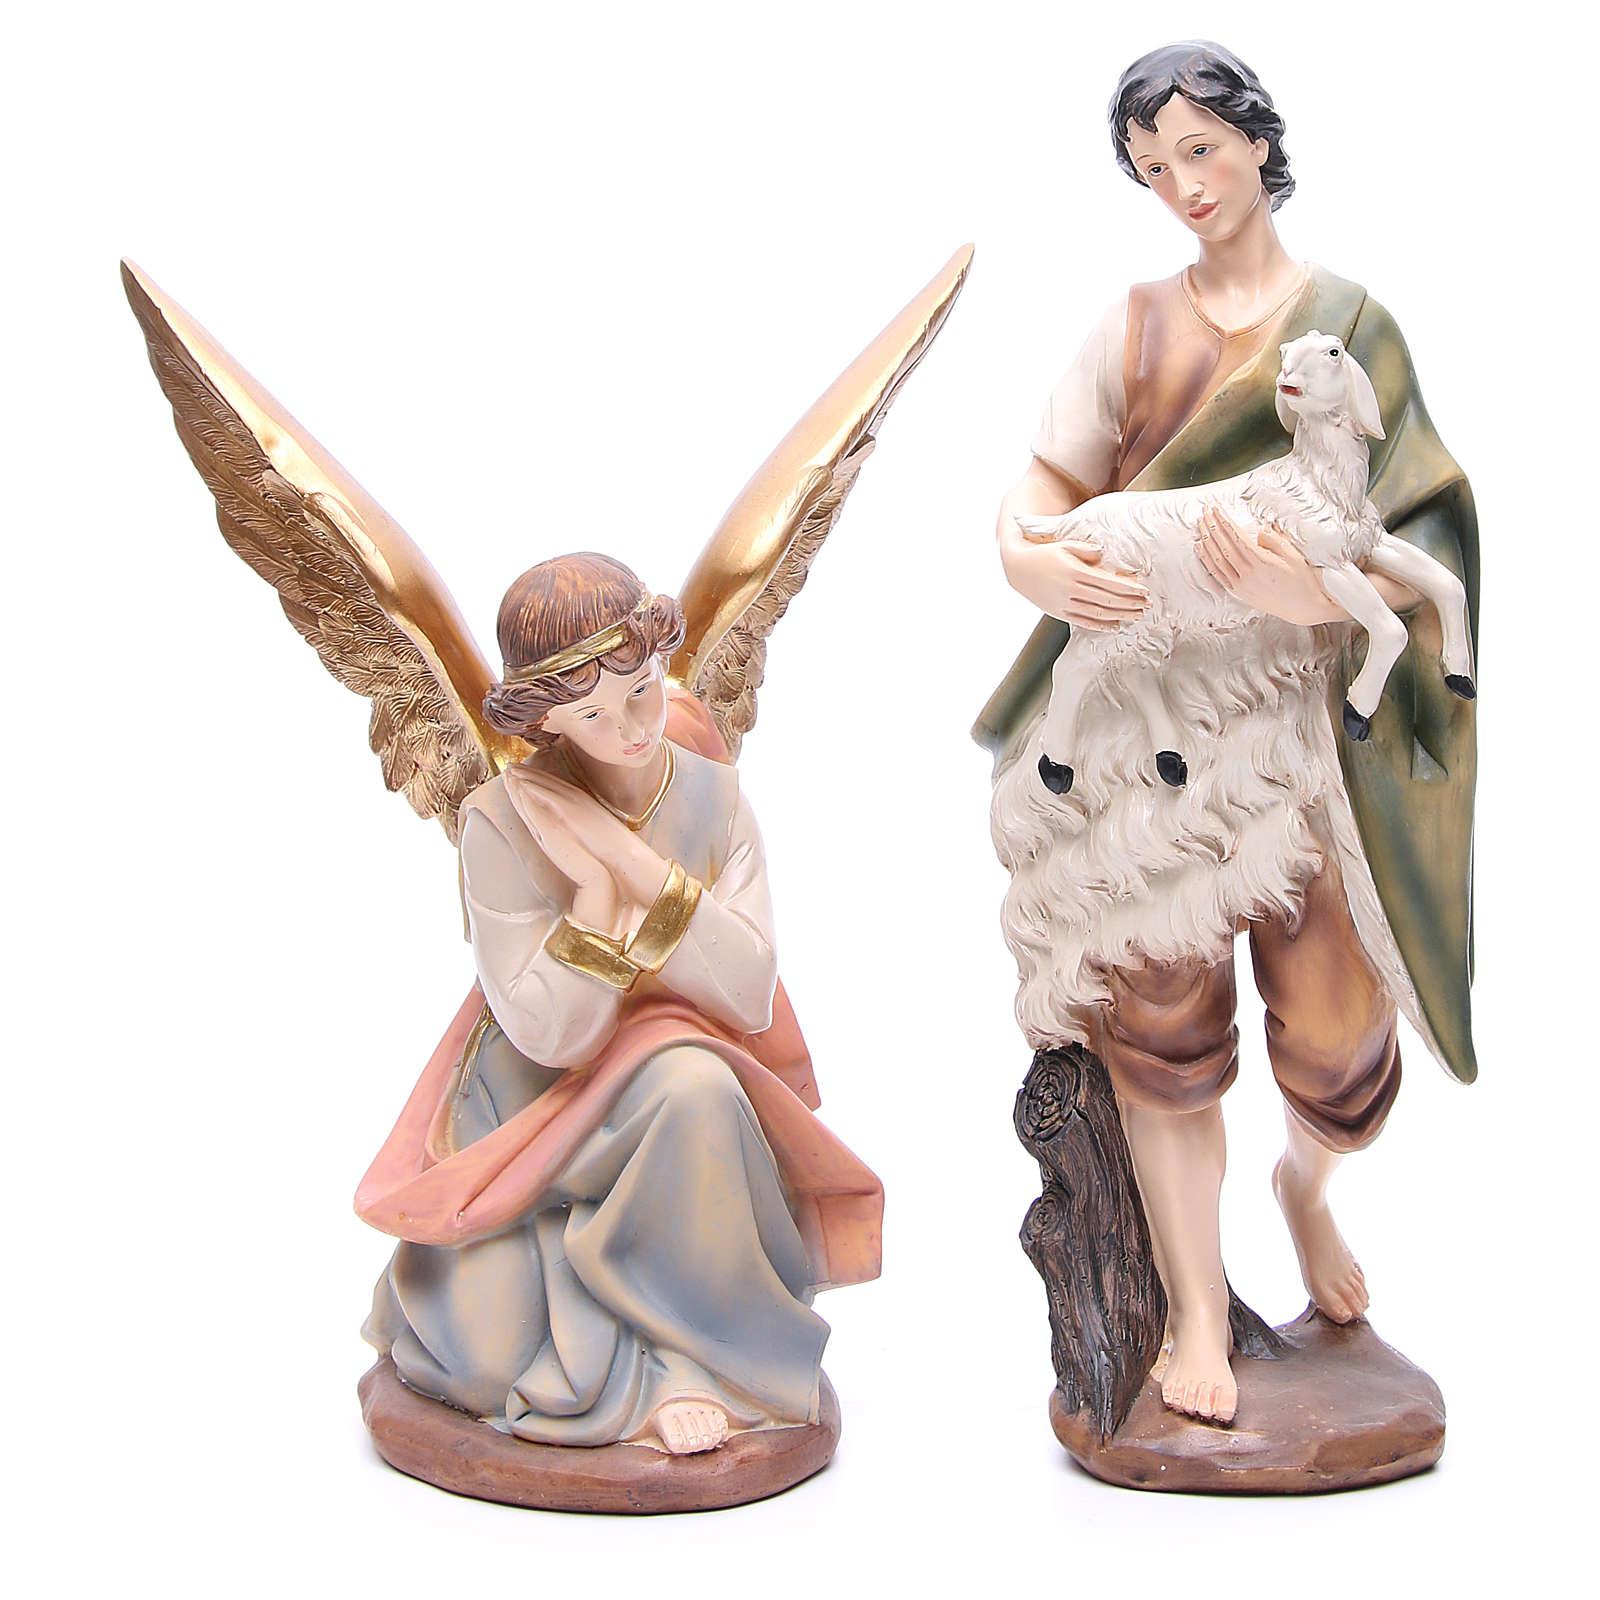 Presépio completo resina estilo madeira completo 11 figuras de altura média 43 cm 4